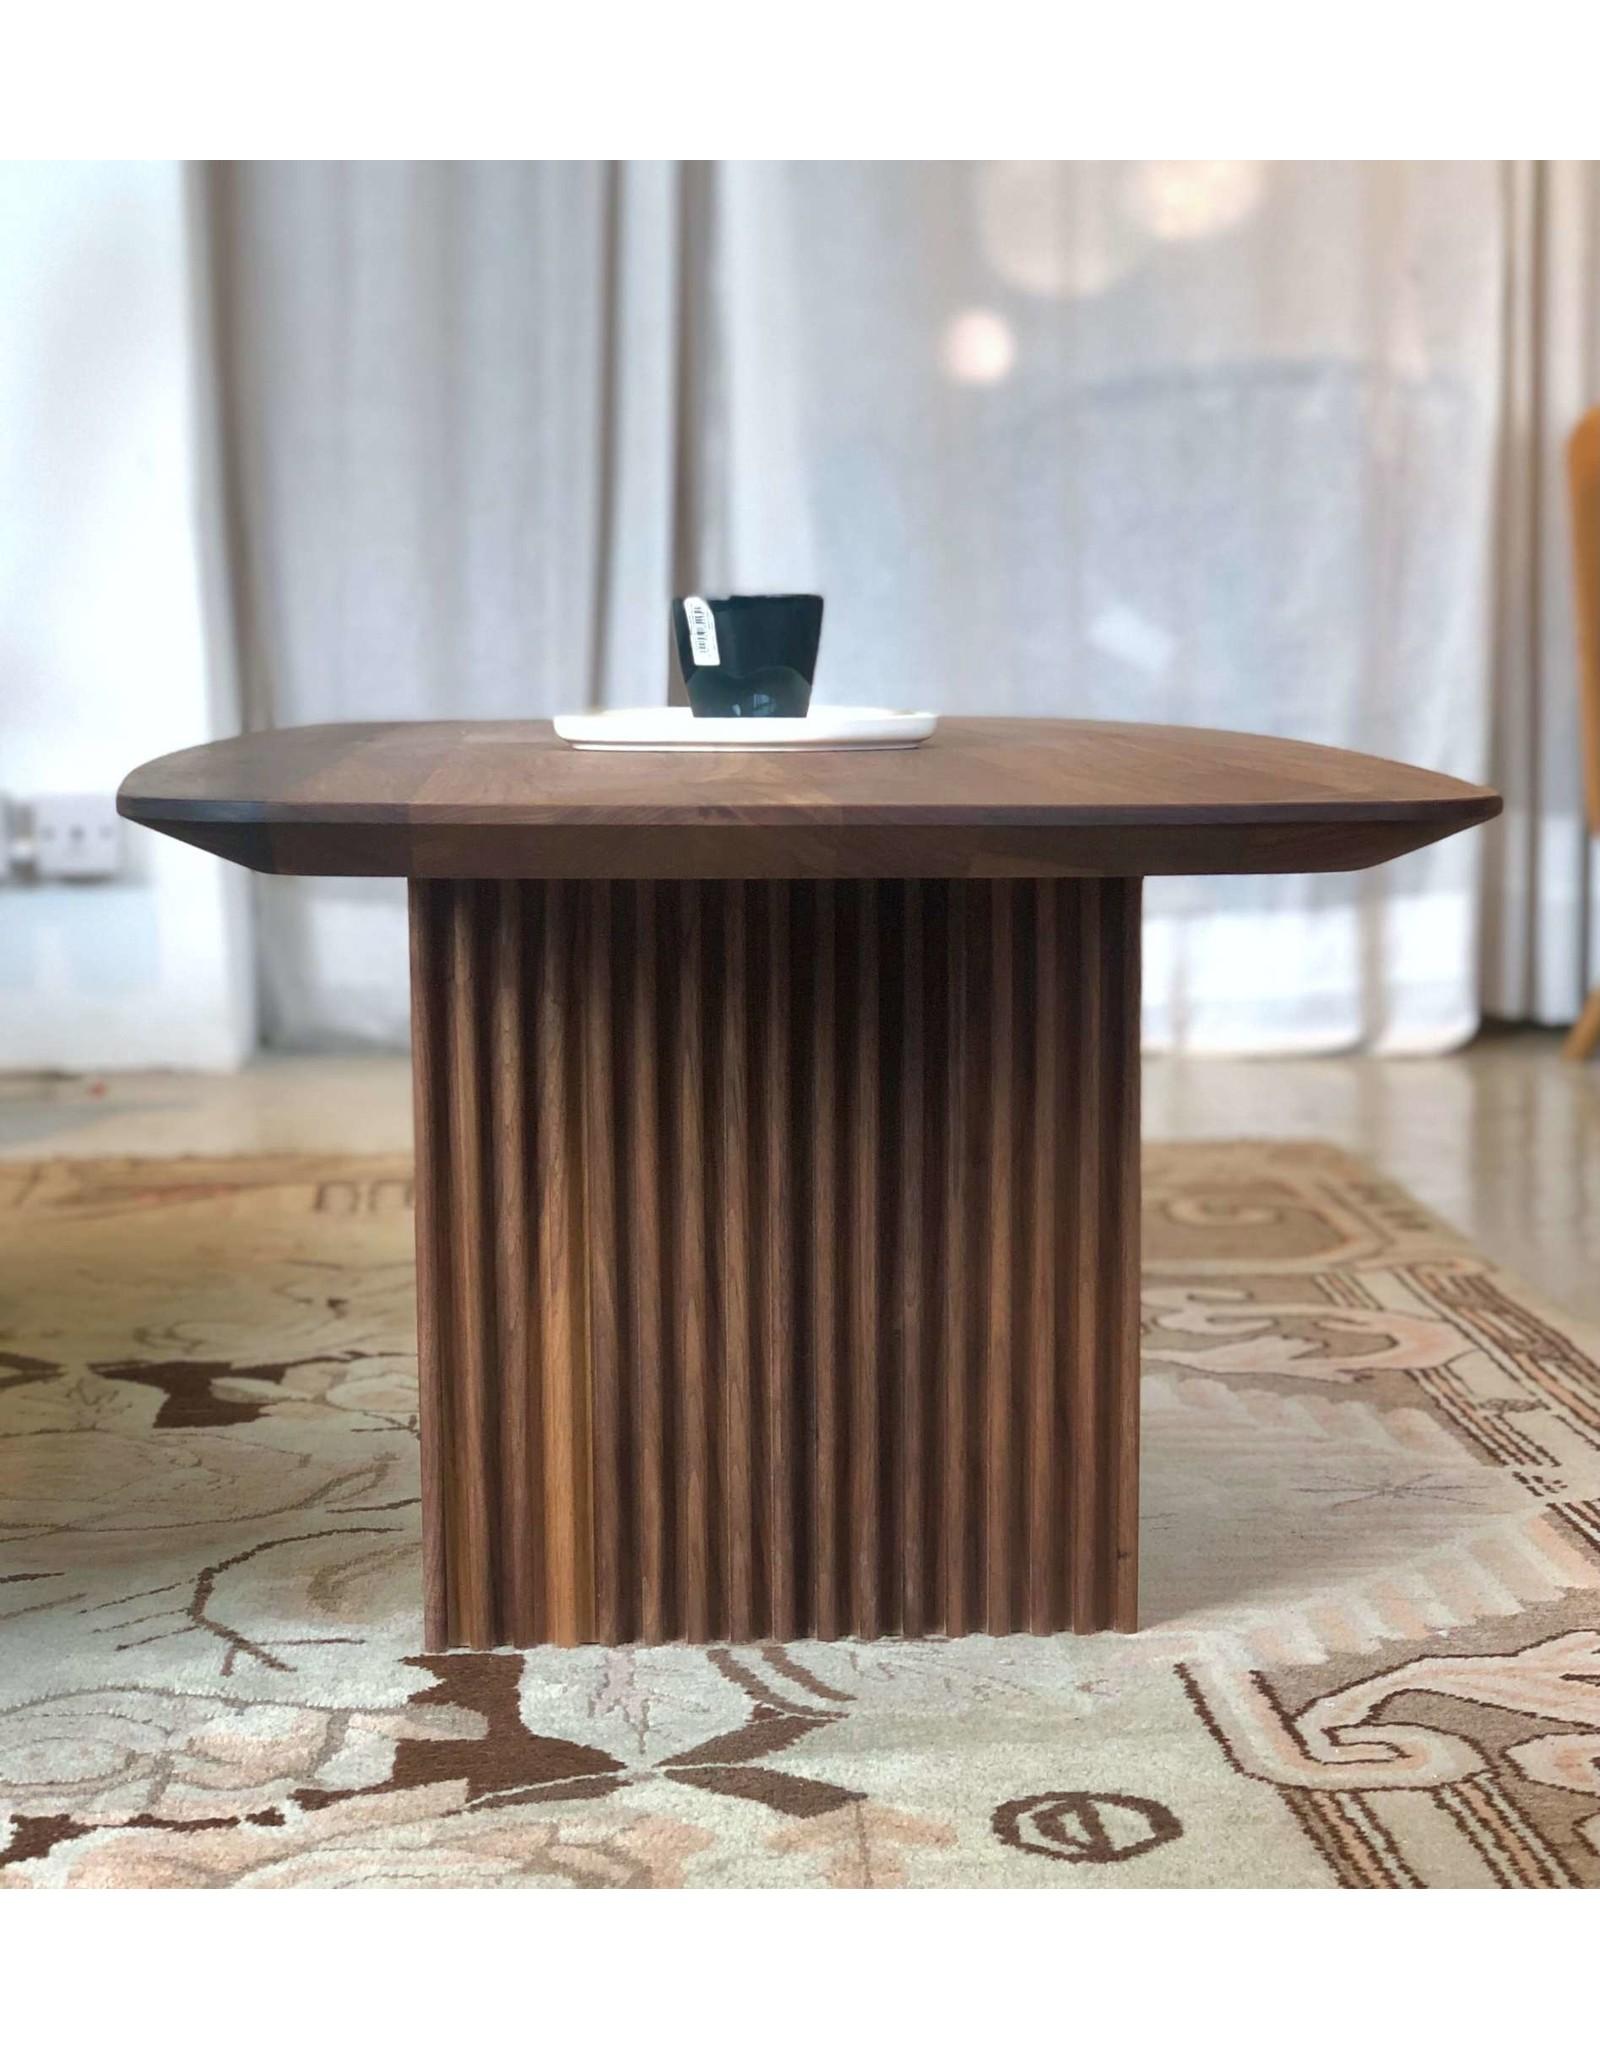 TEN COFFEE TABLE